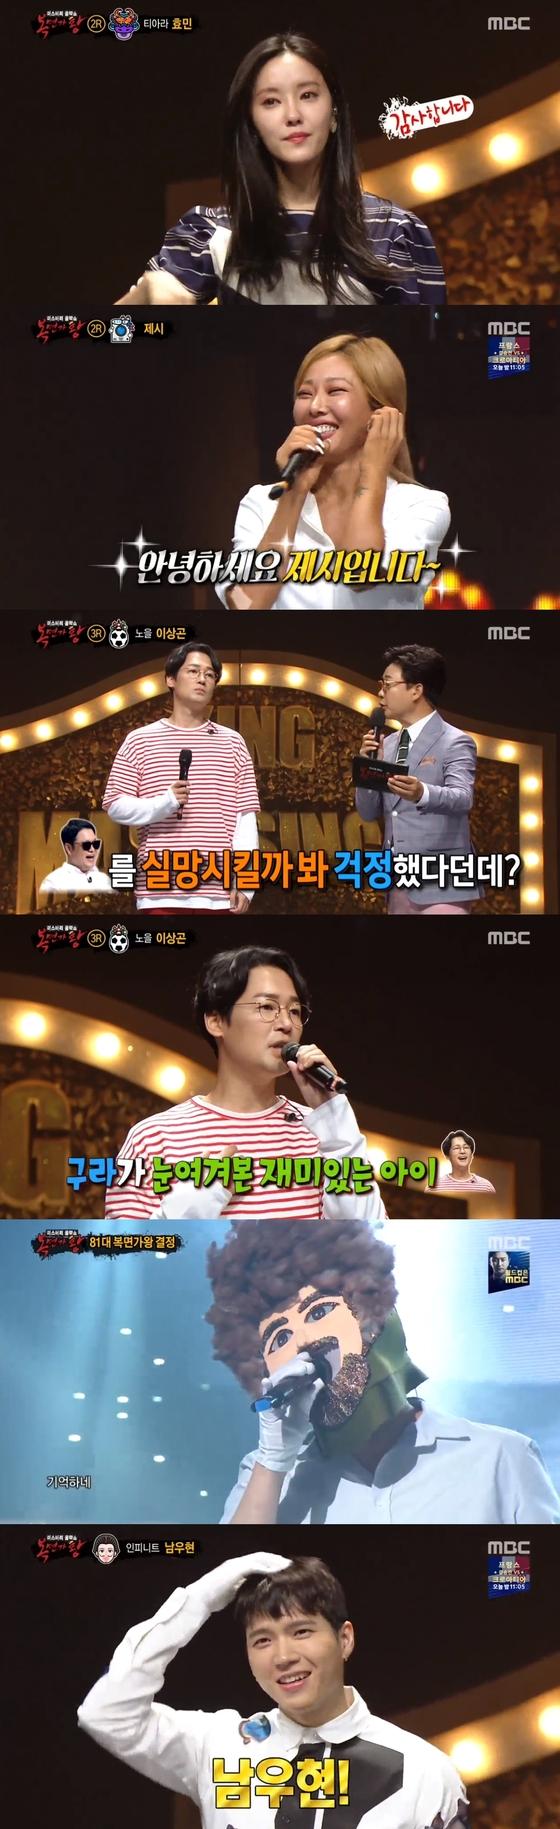 '복면가왕' 밥로스, 남우현·이상곤 꺾고 가왕 자리 지켰다(종합)